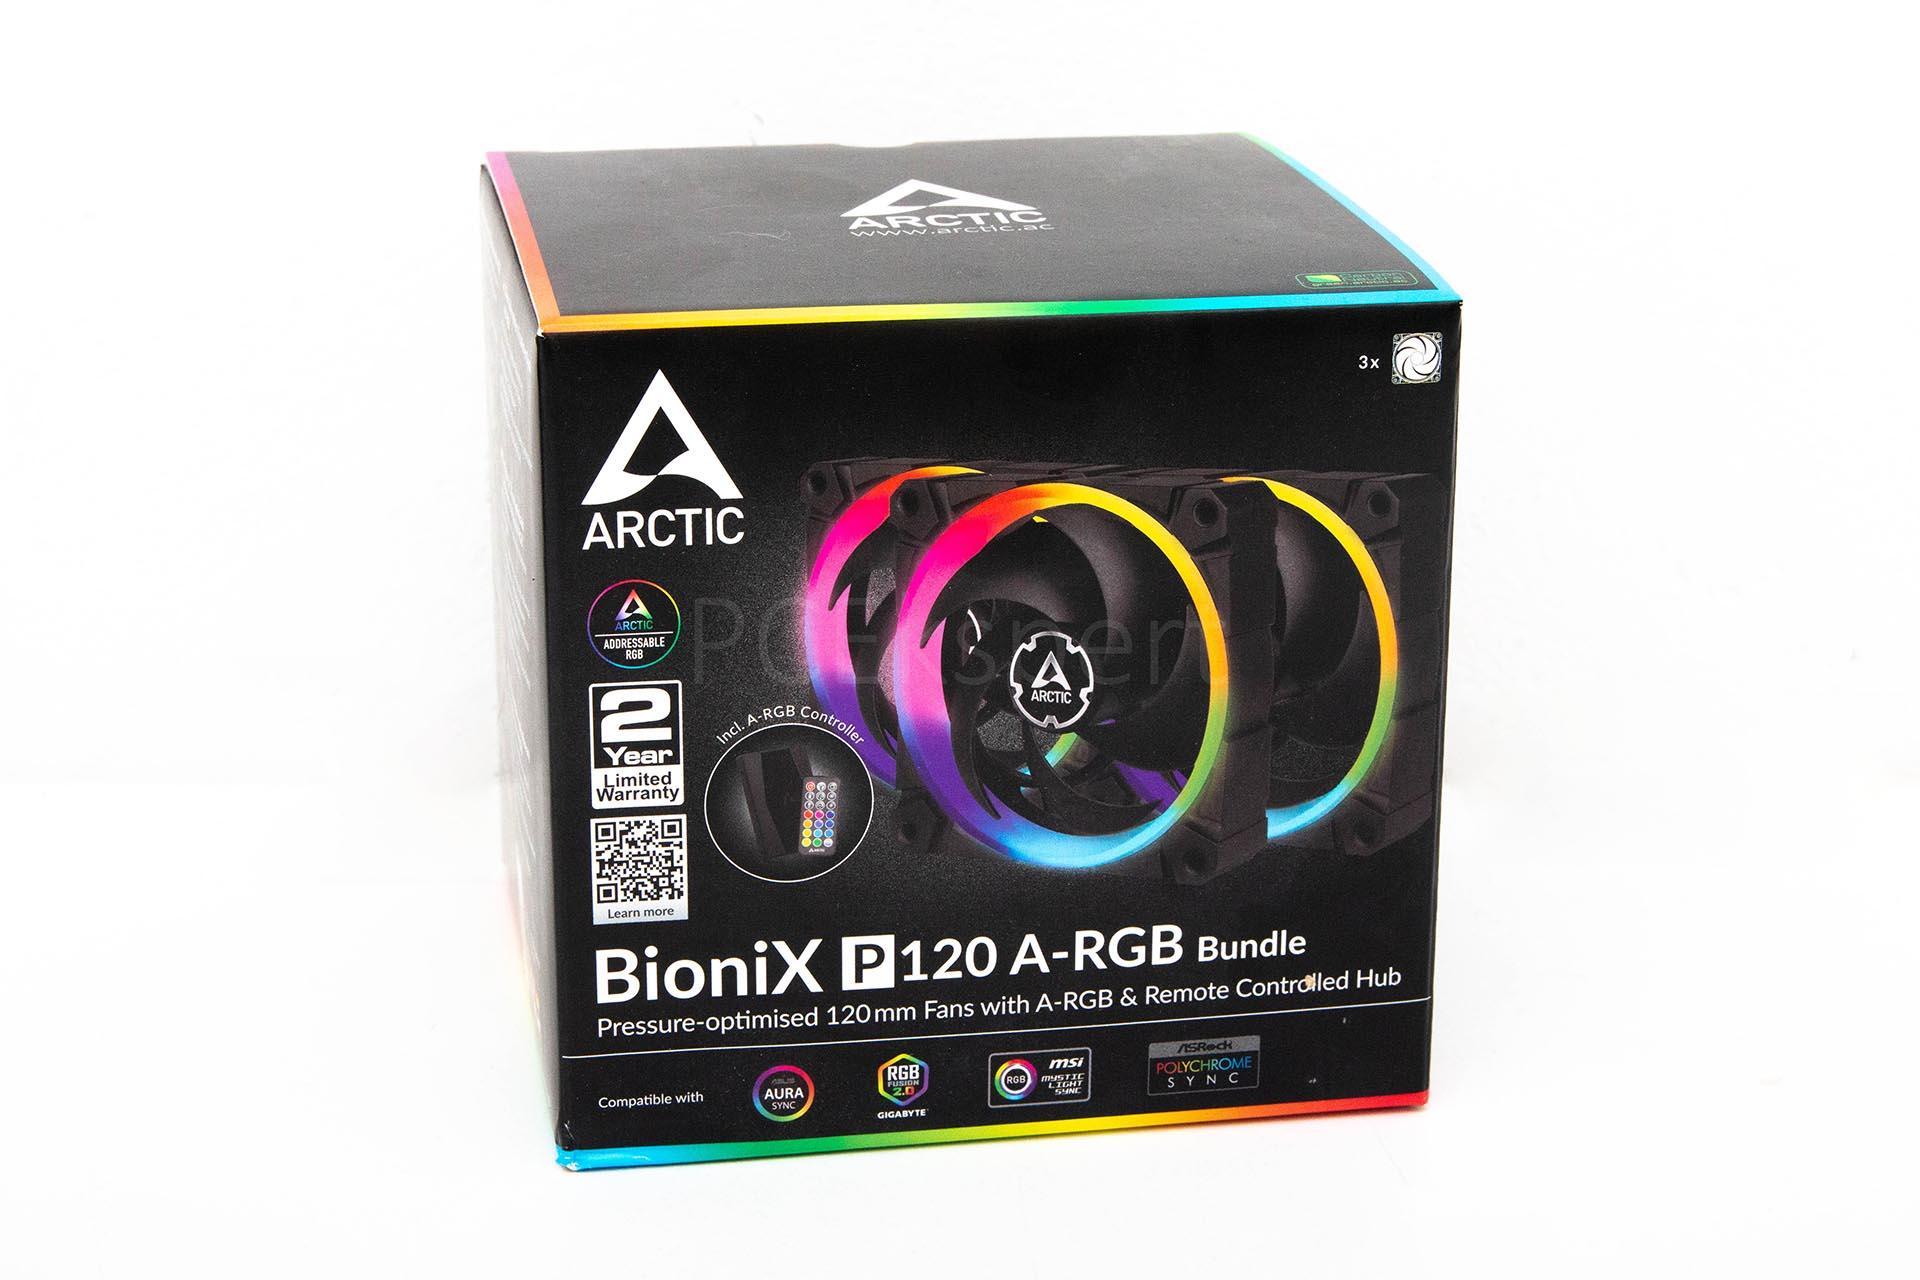 Arctic BioniX P120 A-RGB Bundle recenzija